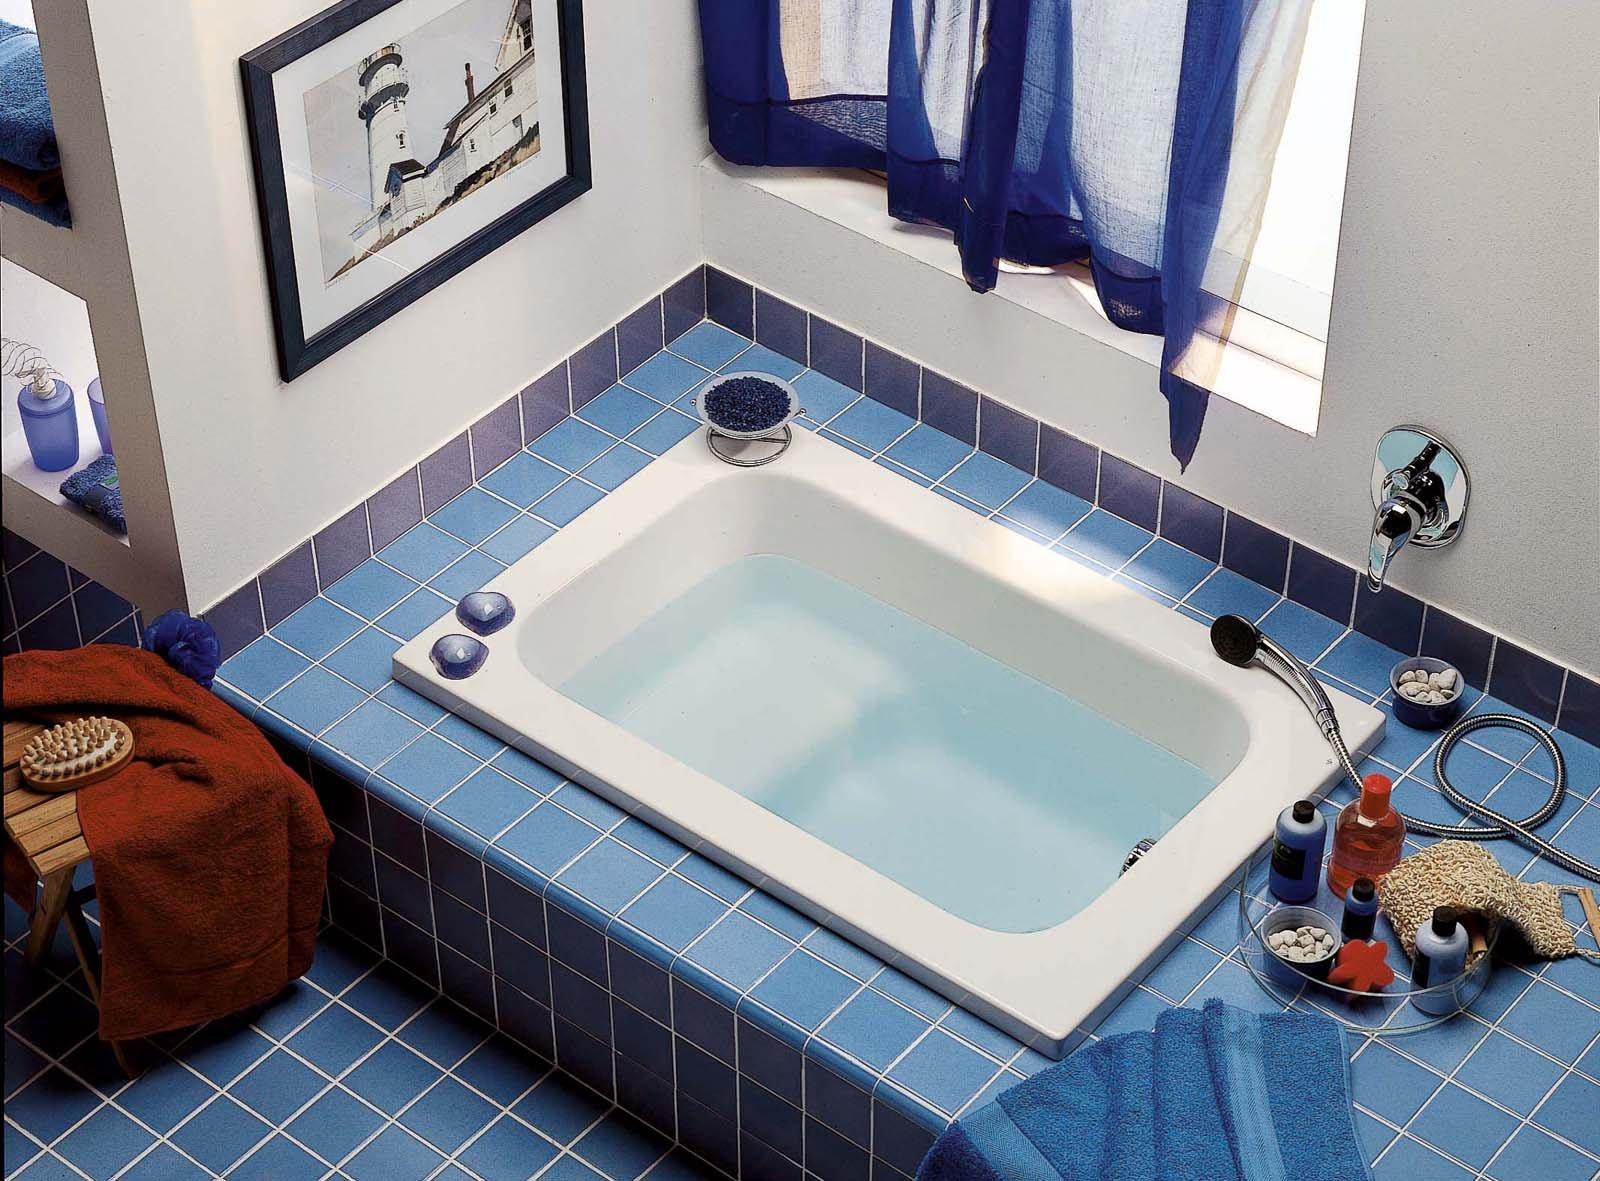 Vasca Da Bagno Hafro Modello Nova : Vasche da bagno piccole cose di casa